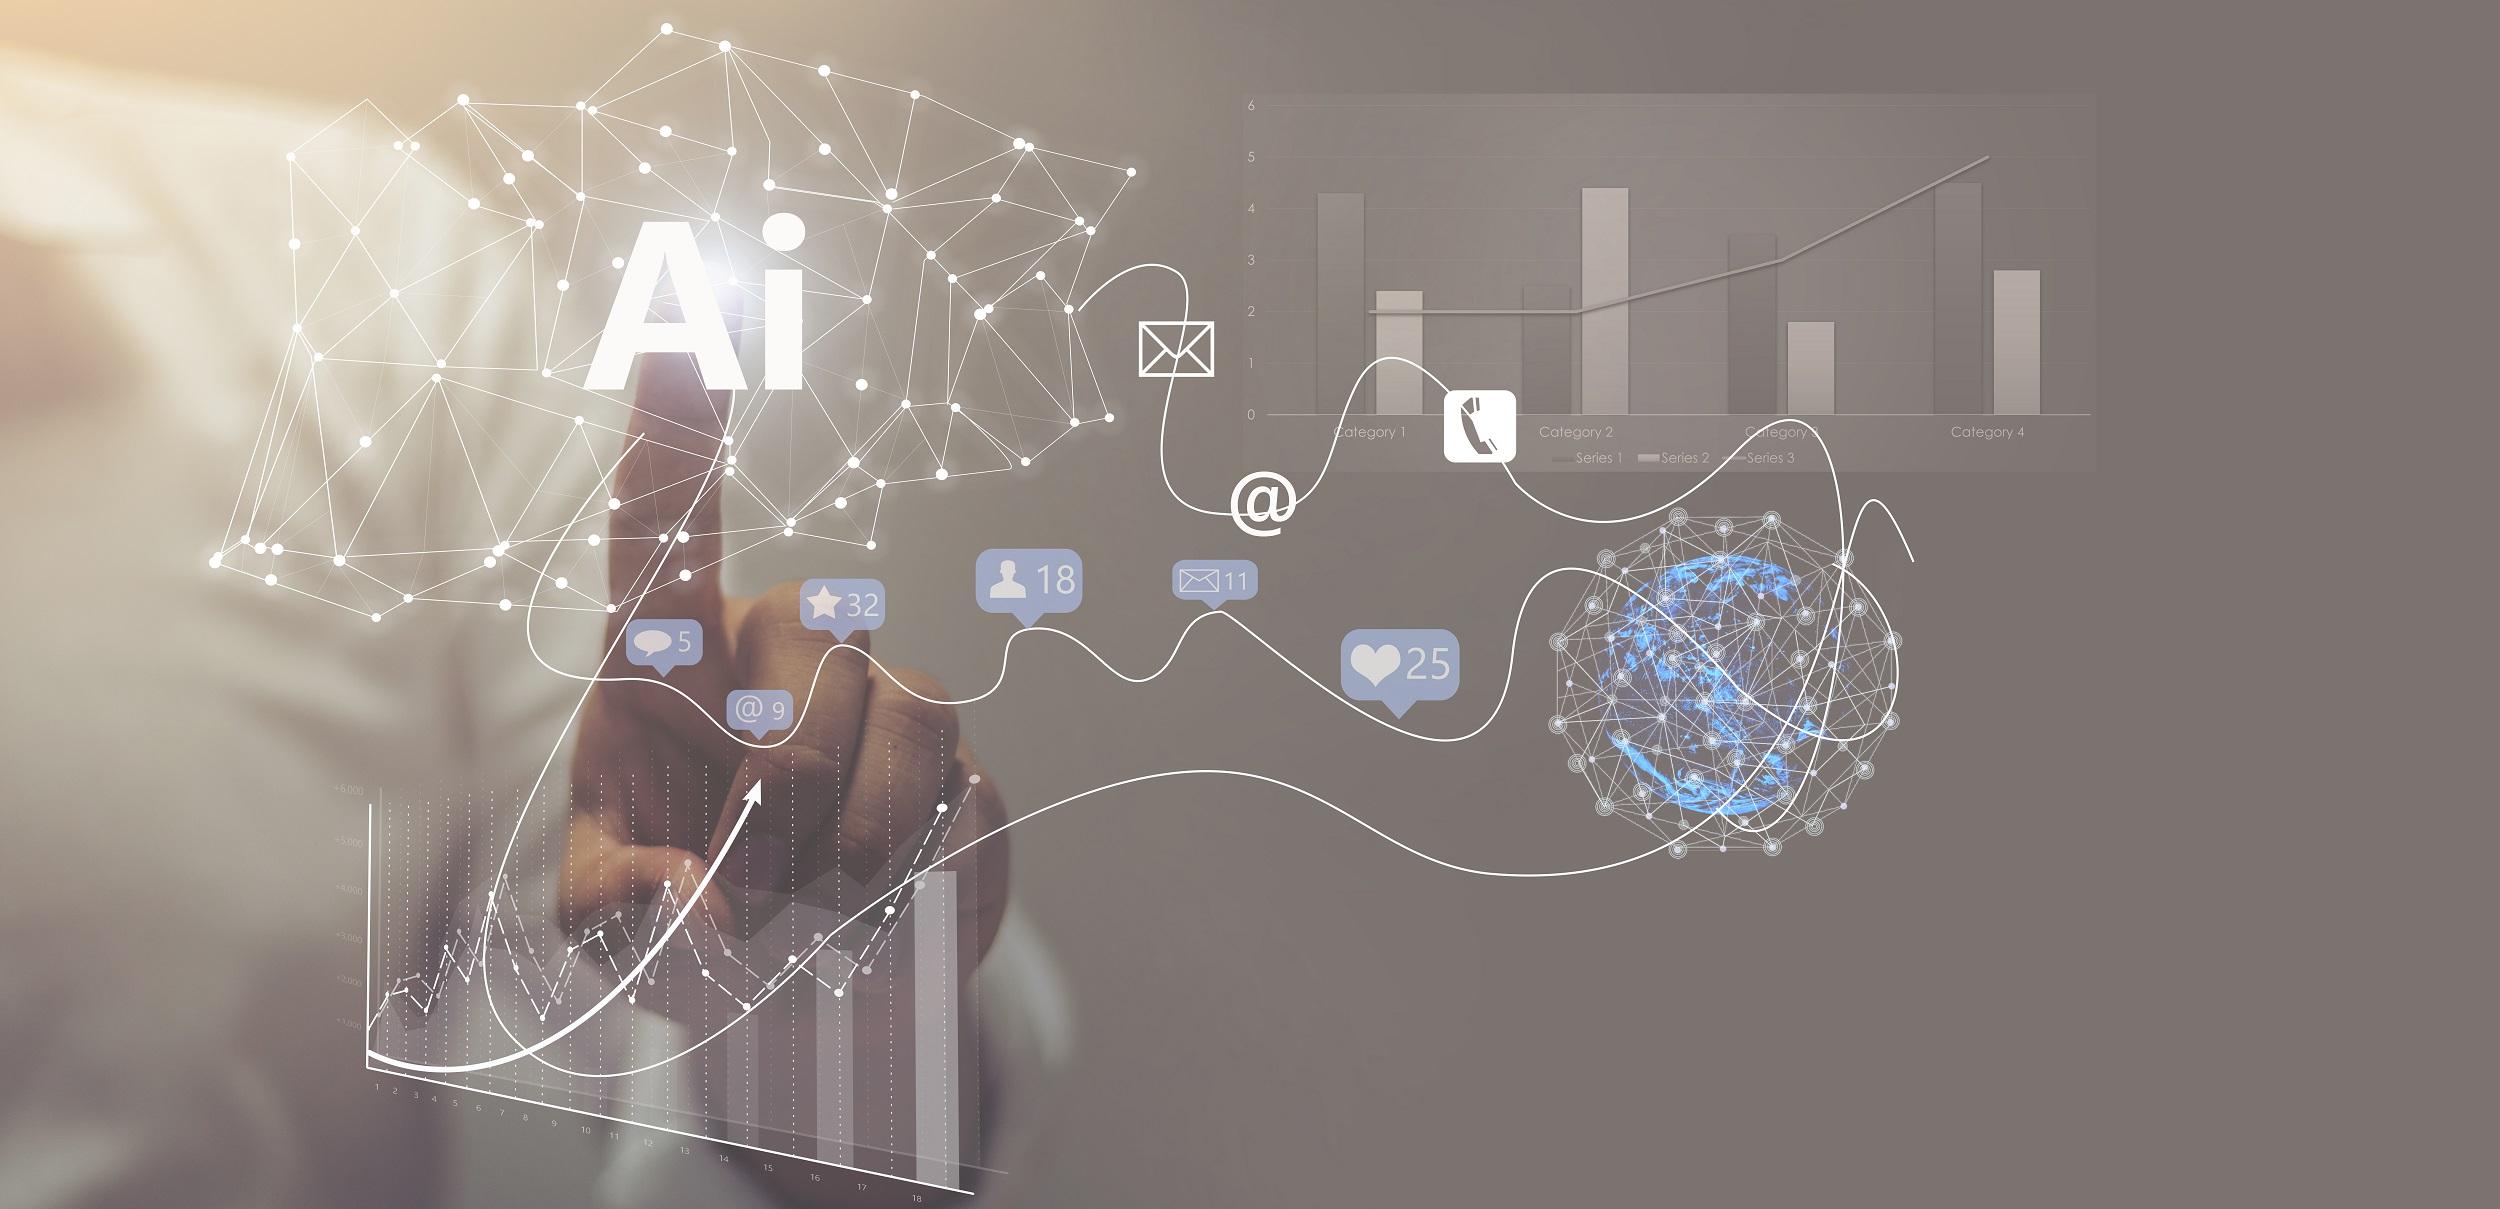 持续创新,人工智能专利申请量超万件